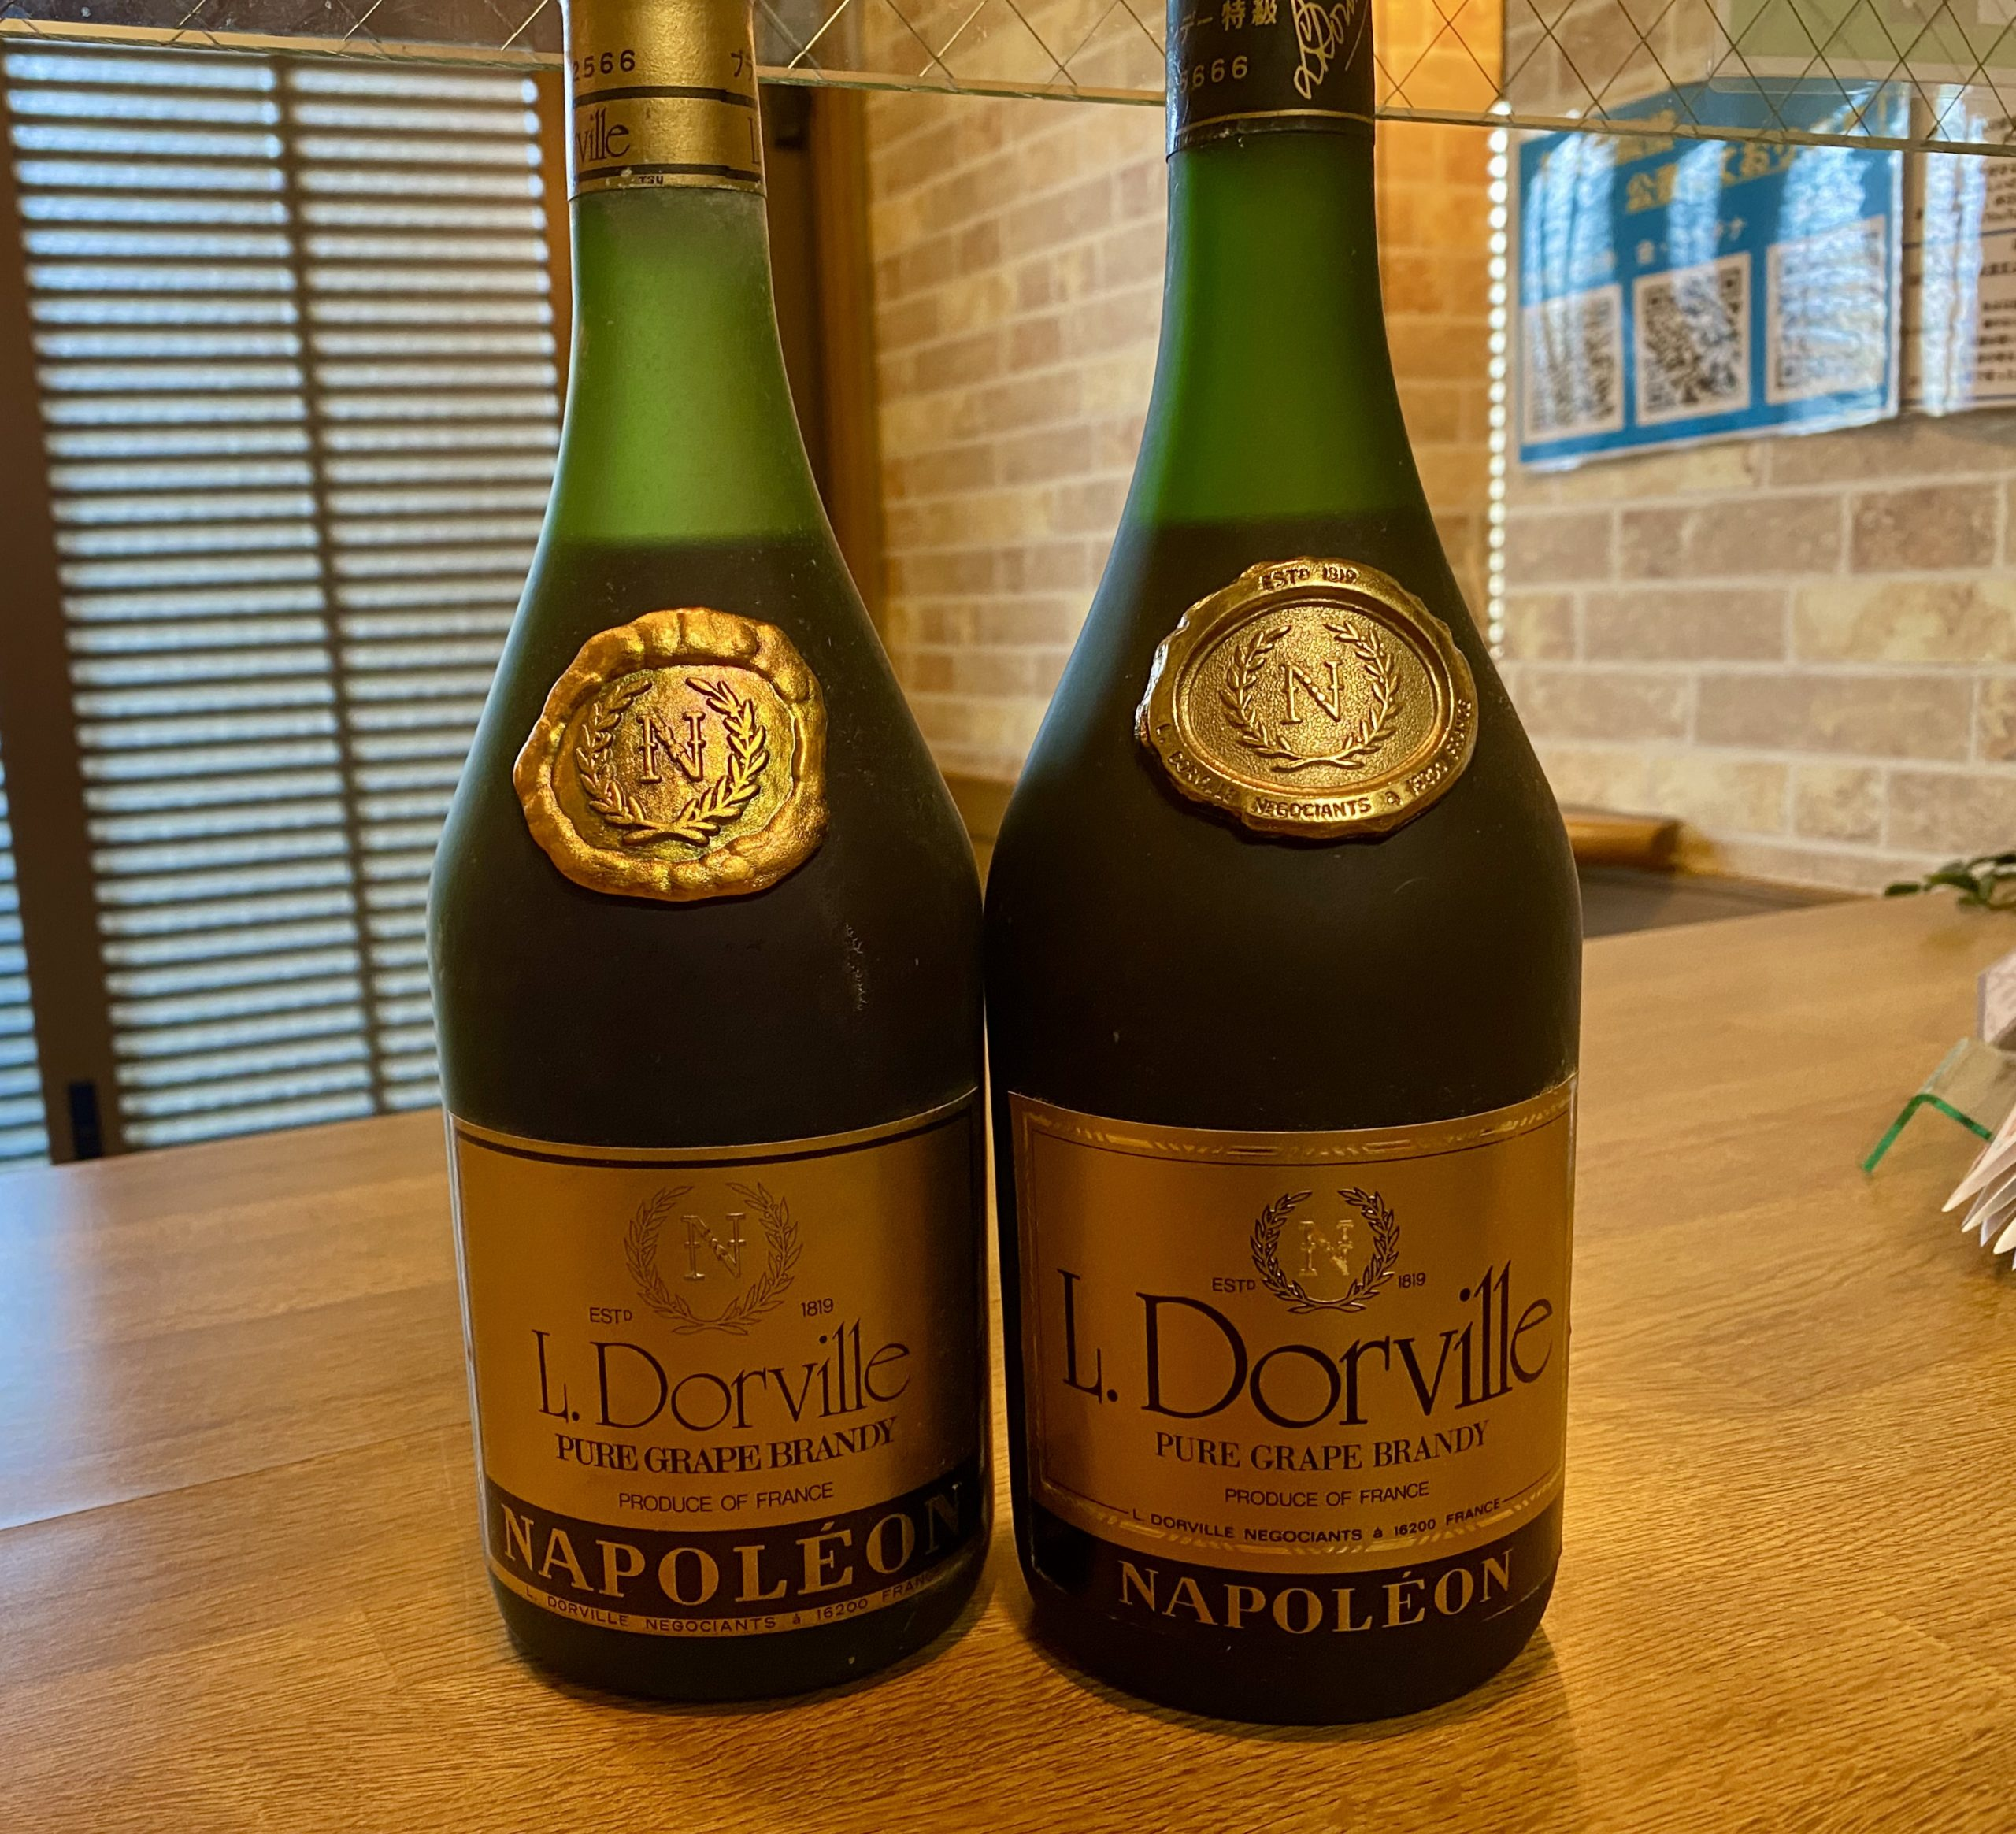 ル・ドーヴィル(L.Dorville)ナポレオン ブランデーをお買取させていただきました。